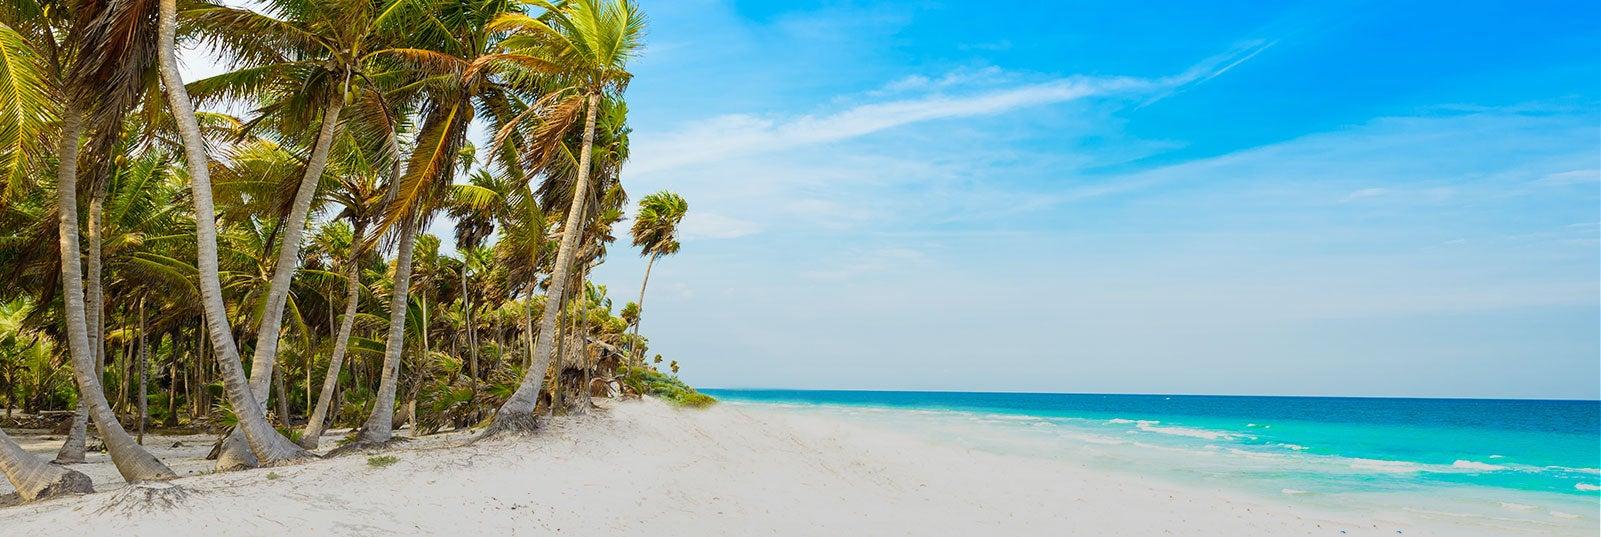 Guía turística de Riviera Maya